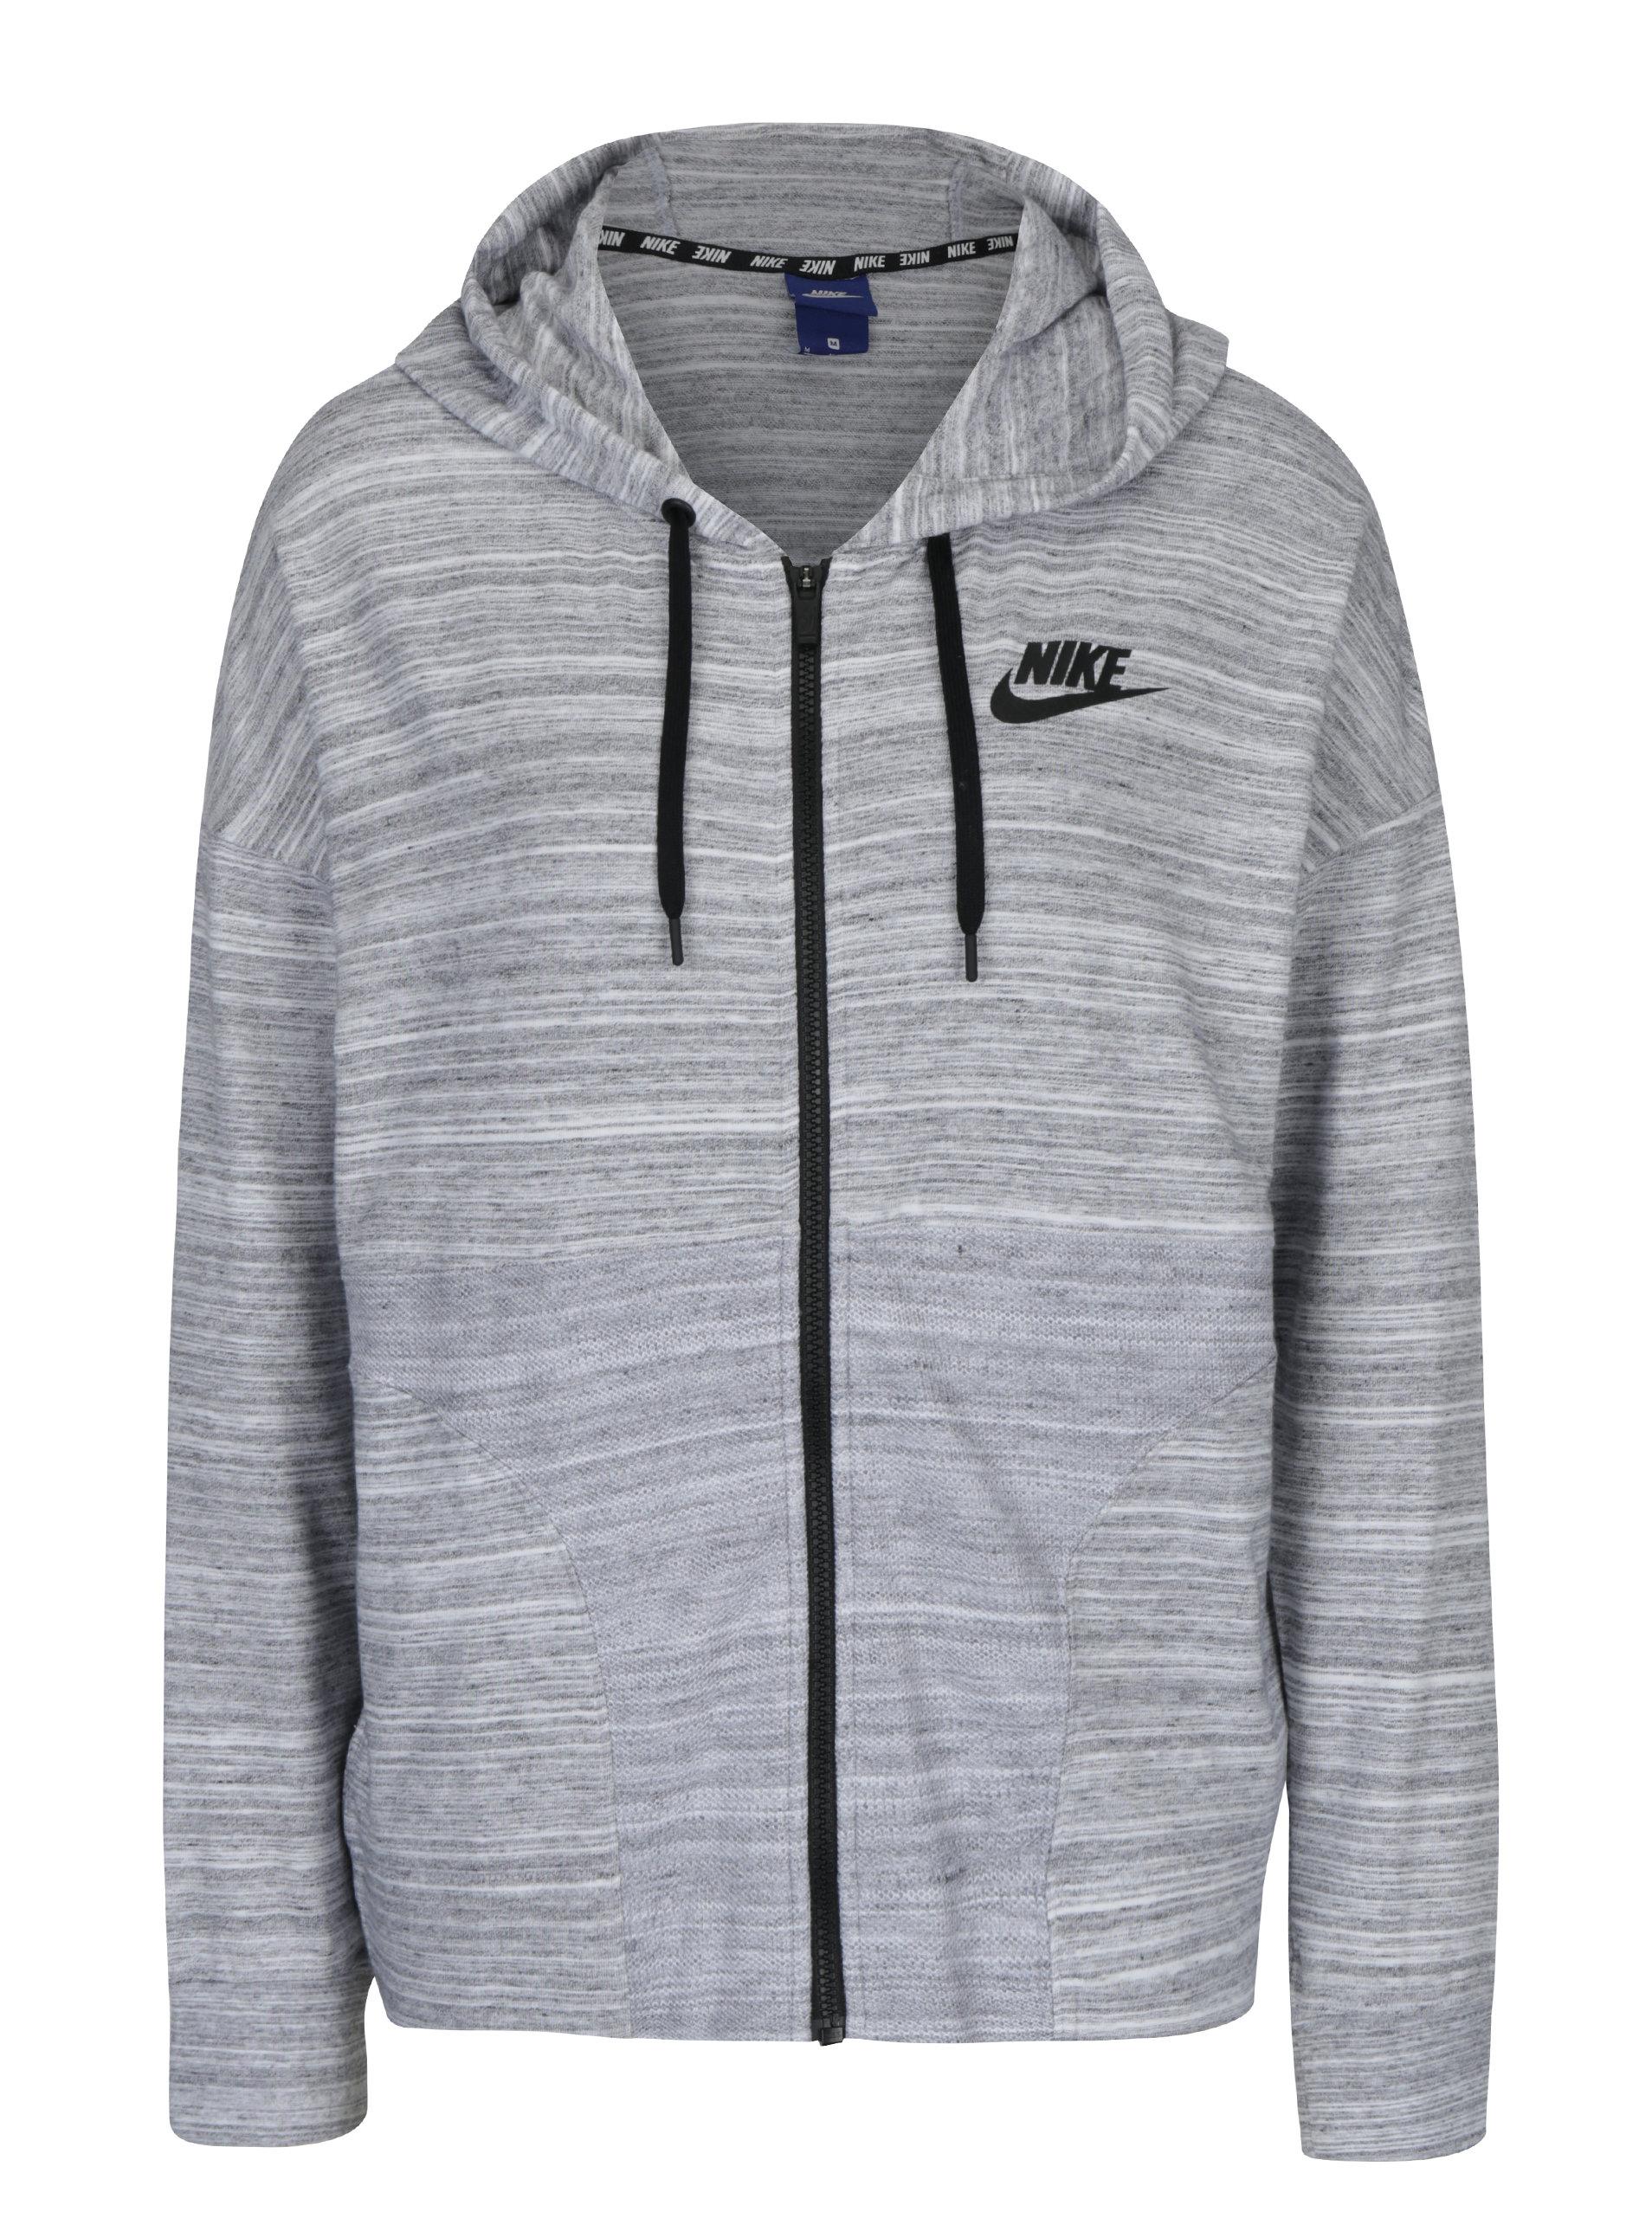 2da7308cf40 Světle šedá dámská žíhaná mikina s kapucí Nike Sportswear Advance 15 ...